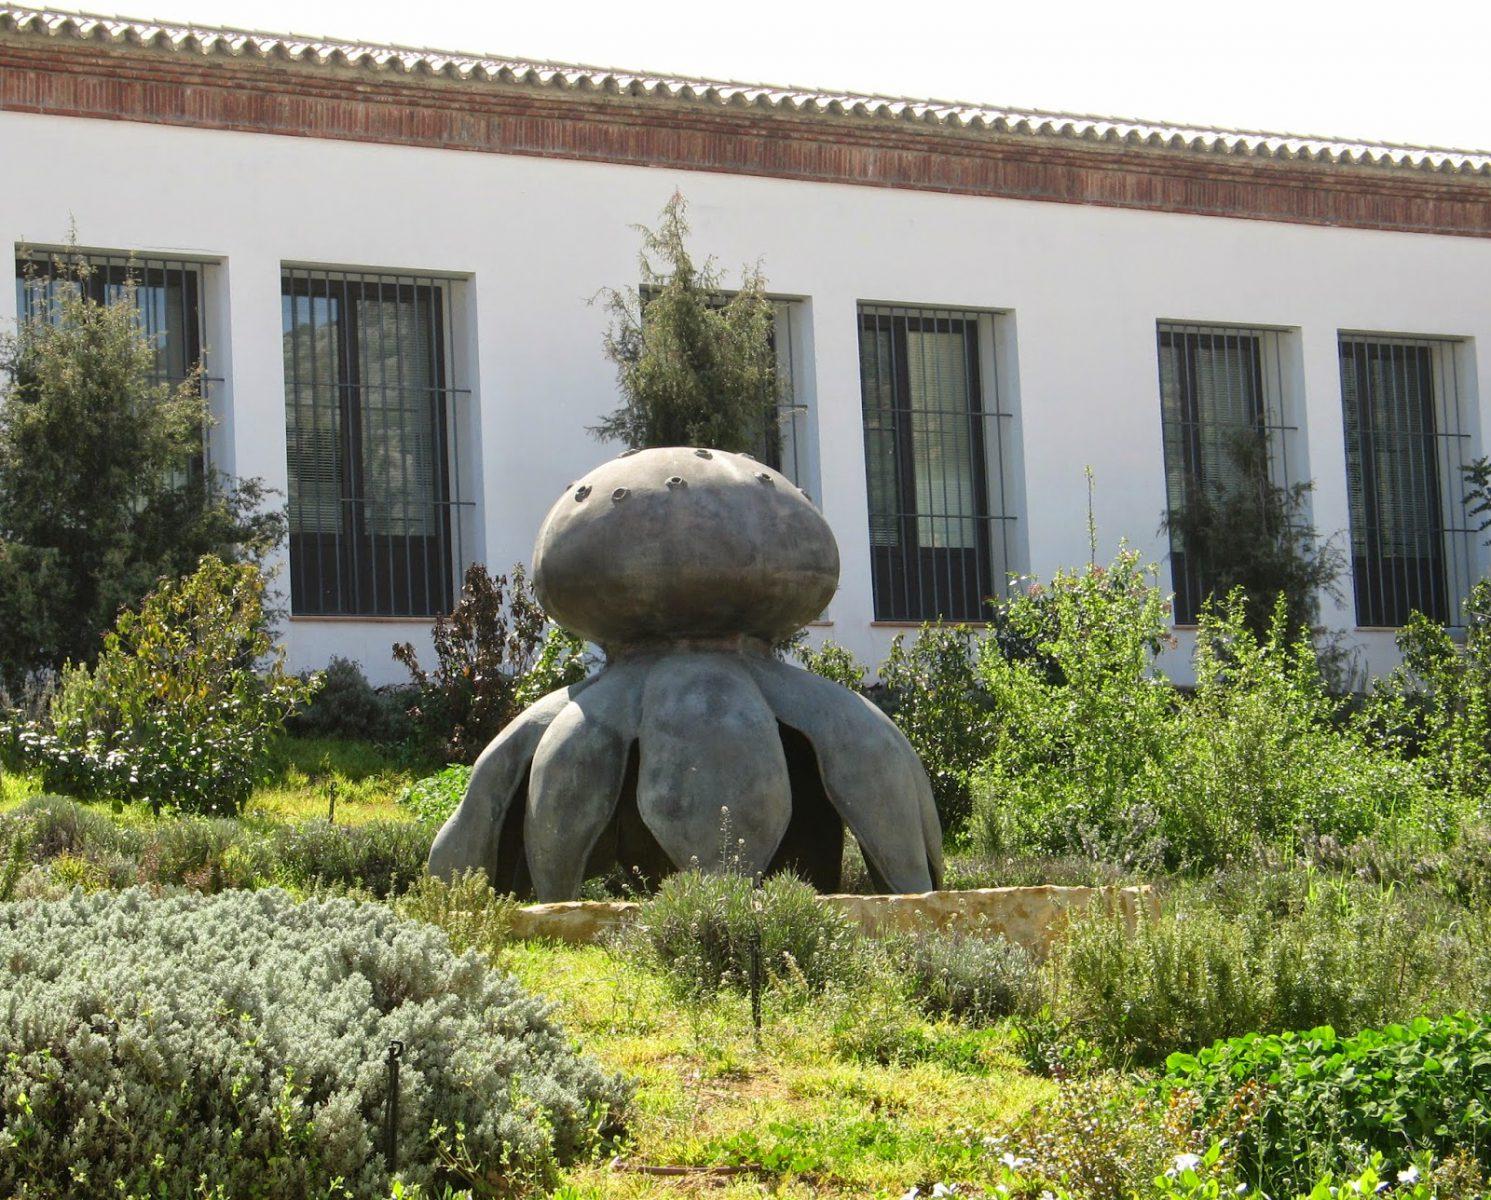 Escultura myriostoma coliforme seta salero marcos for Jardin micologico la trufa